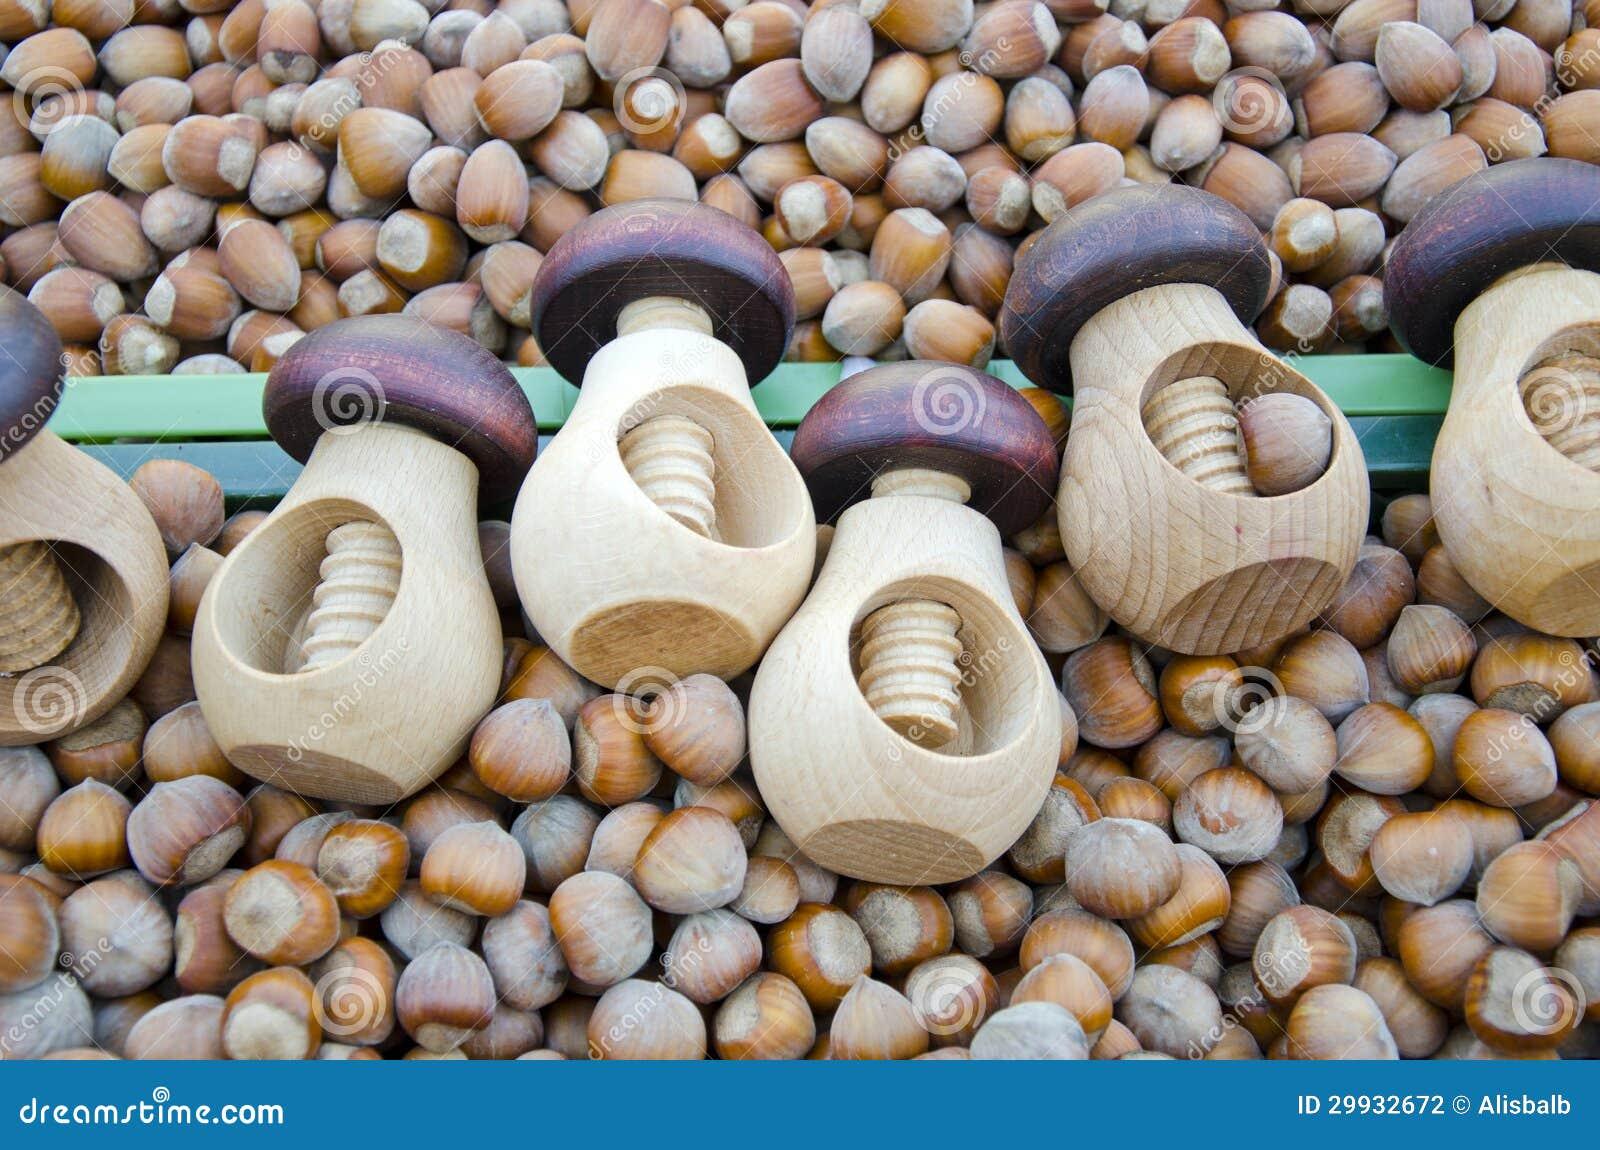 Cascanueces y avellanas de madera en mercado fotograf a de - Cascanueces de madera ...